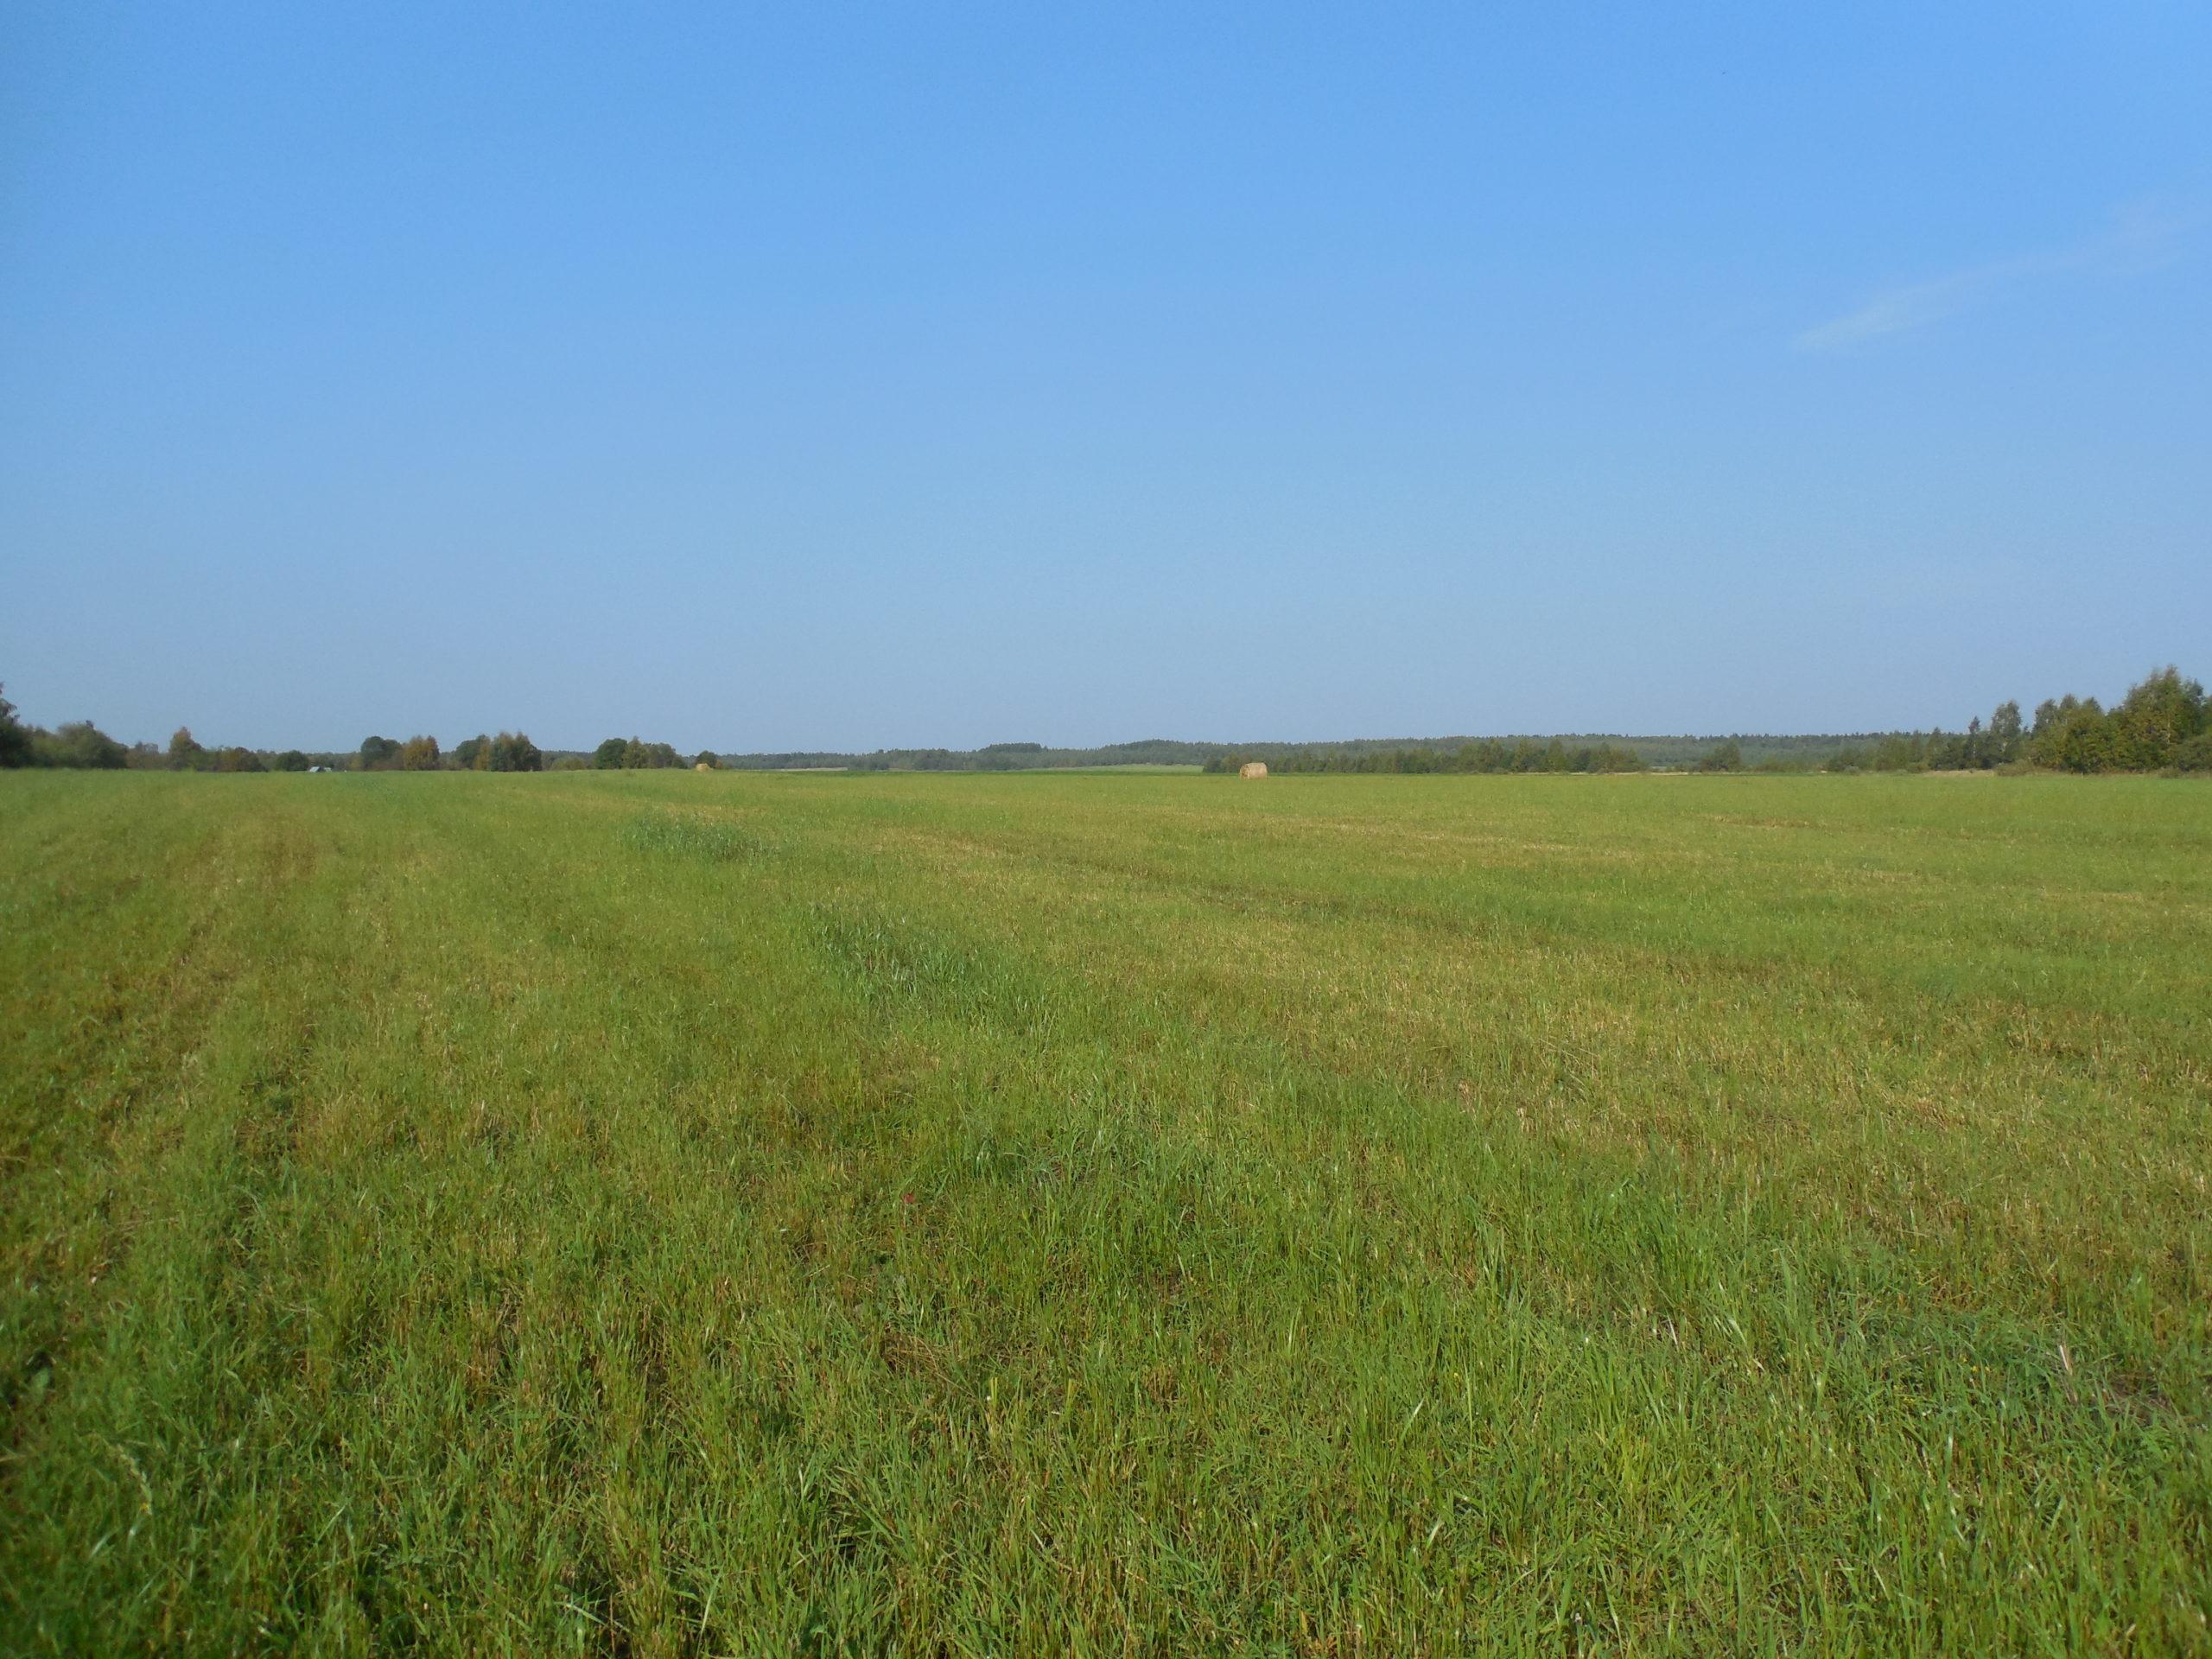 В Конаковском районе введено в оборот свыше 30 гектаров сельскохозяйственных угодий